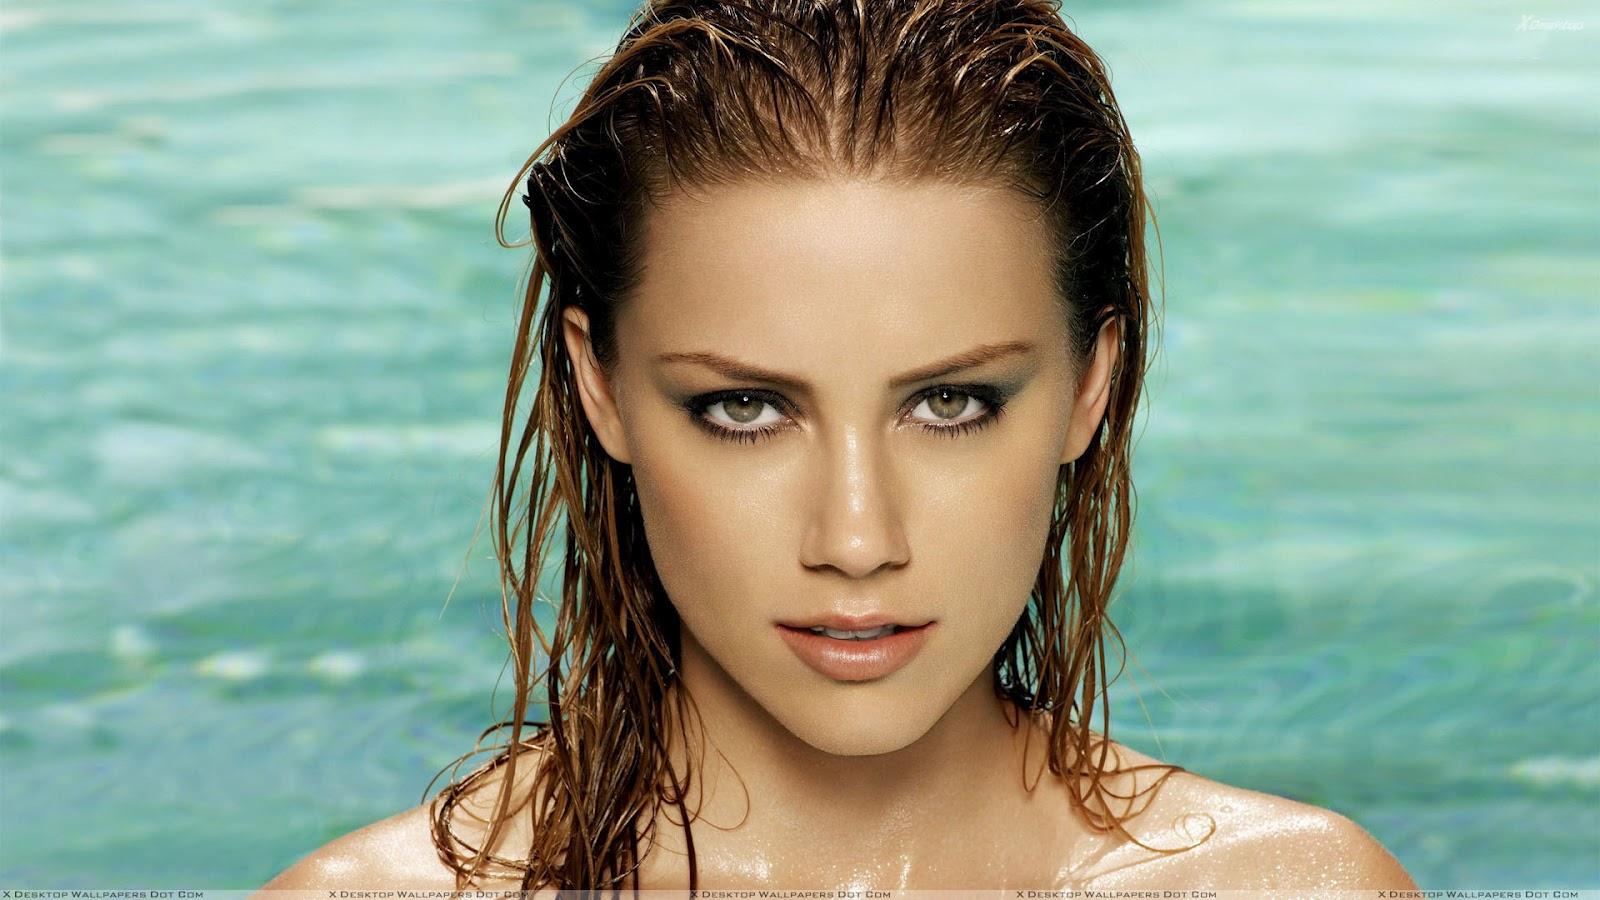 http://3.bp.blogspot.com/-C_OFfJC2eCg/TzMHpVkT6jI/AAAAAAAAAvw/mSVc302pNgY/s1600/Amber-Heard-Trends.jpg